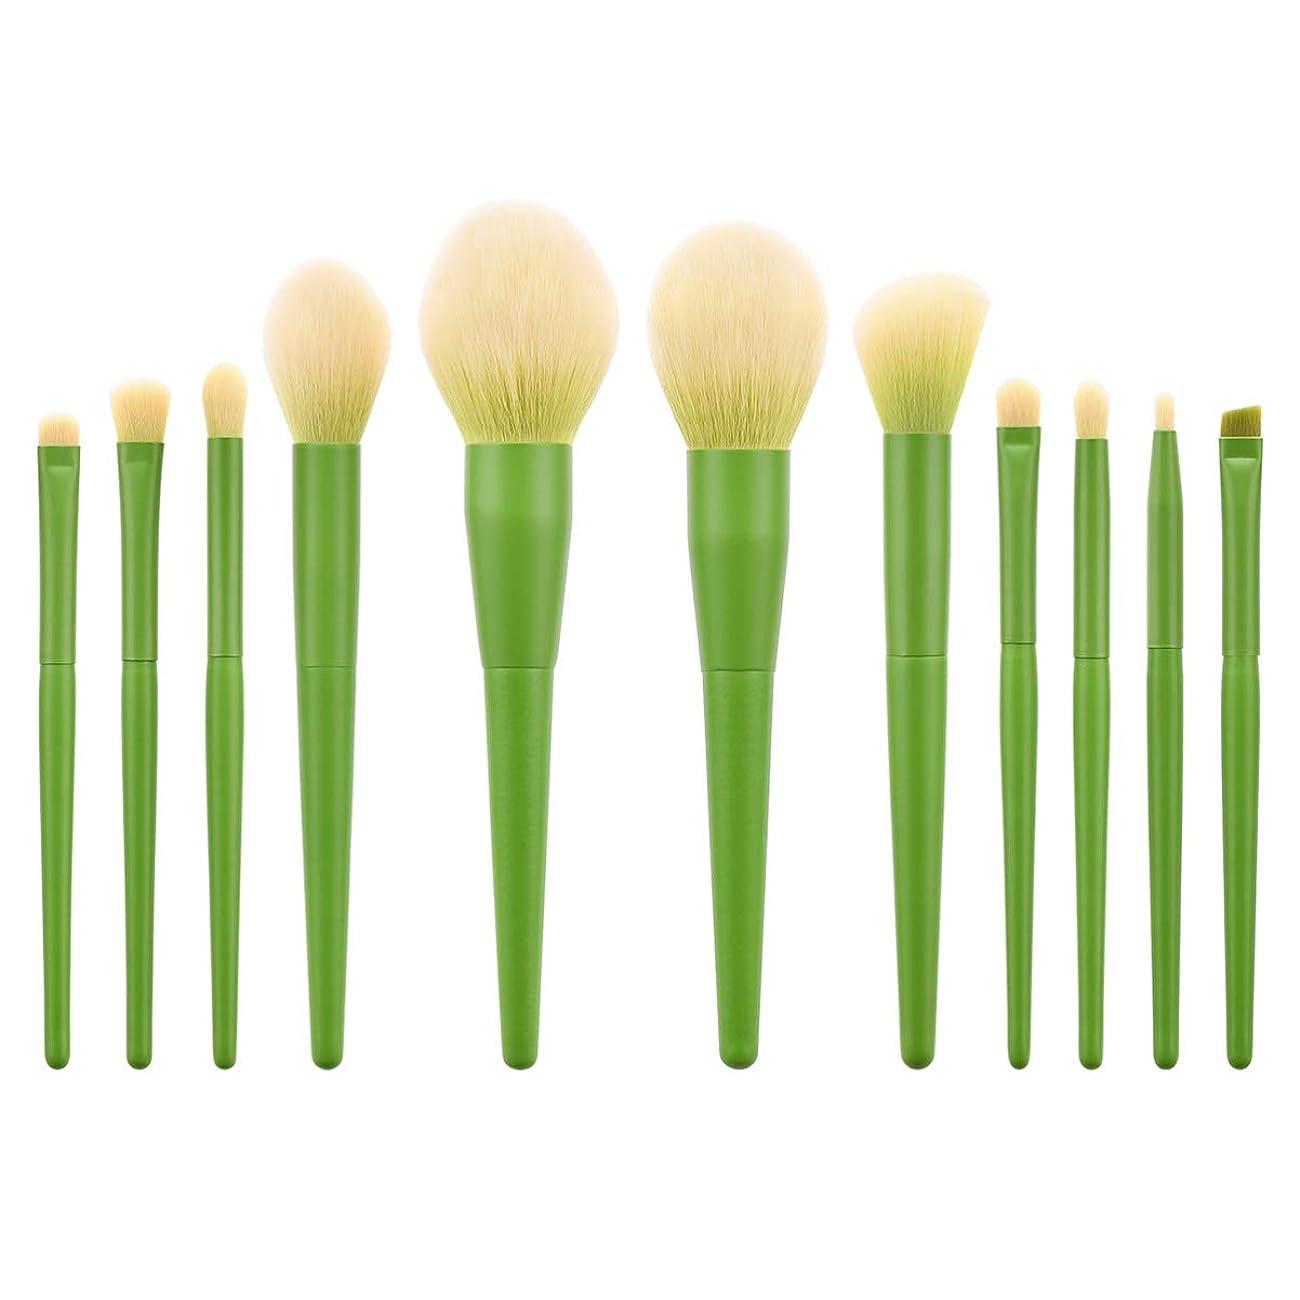 シットコムリンス自動化Lurrose 11ピース化粧ブラシキットナイロン毛木製ハンドル合成ソフト赤面ブラシ化粧品ブラシパウダーブラシ用女性女の子